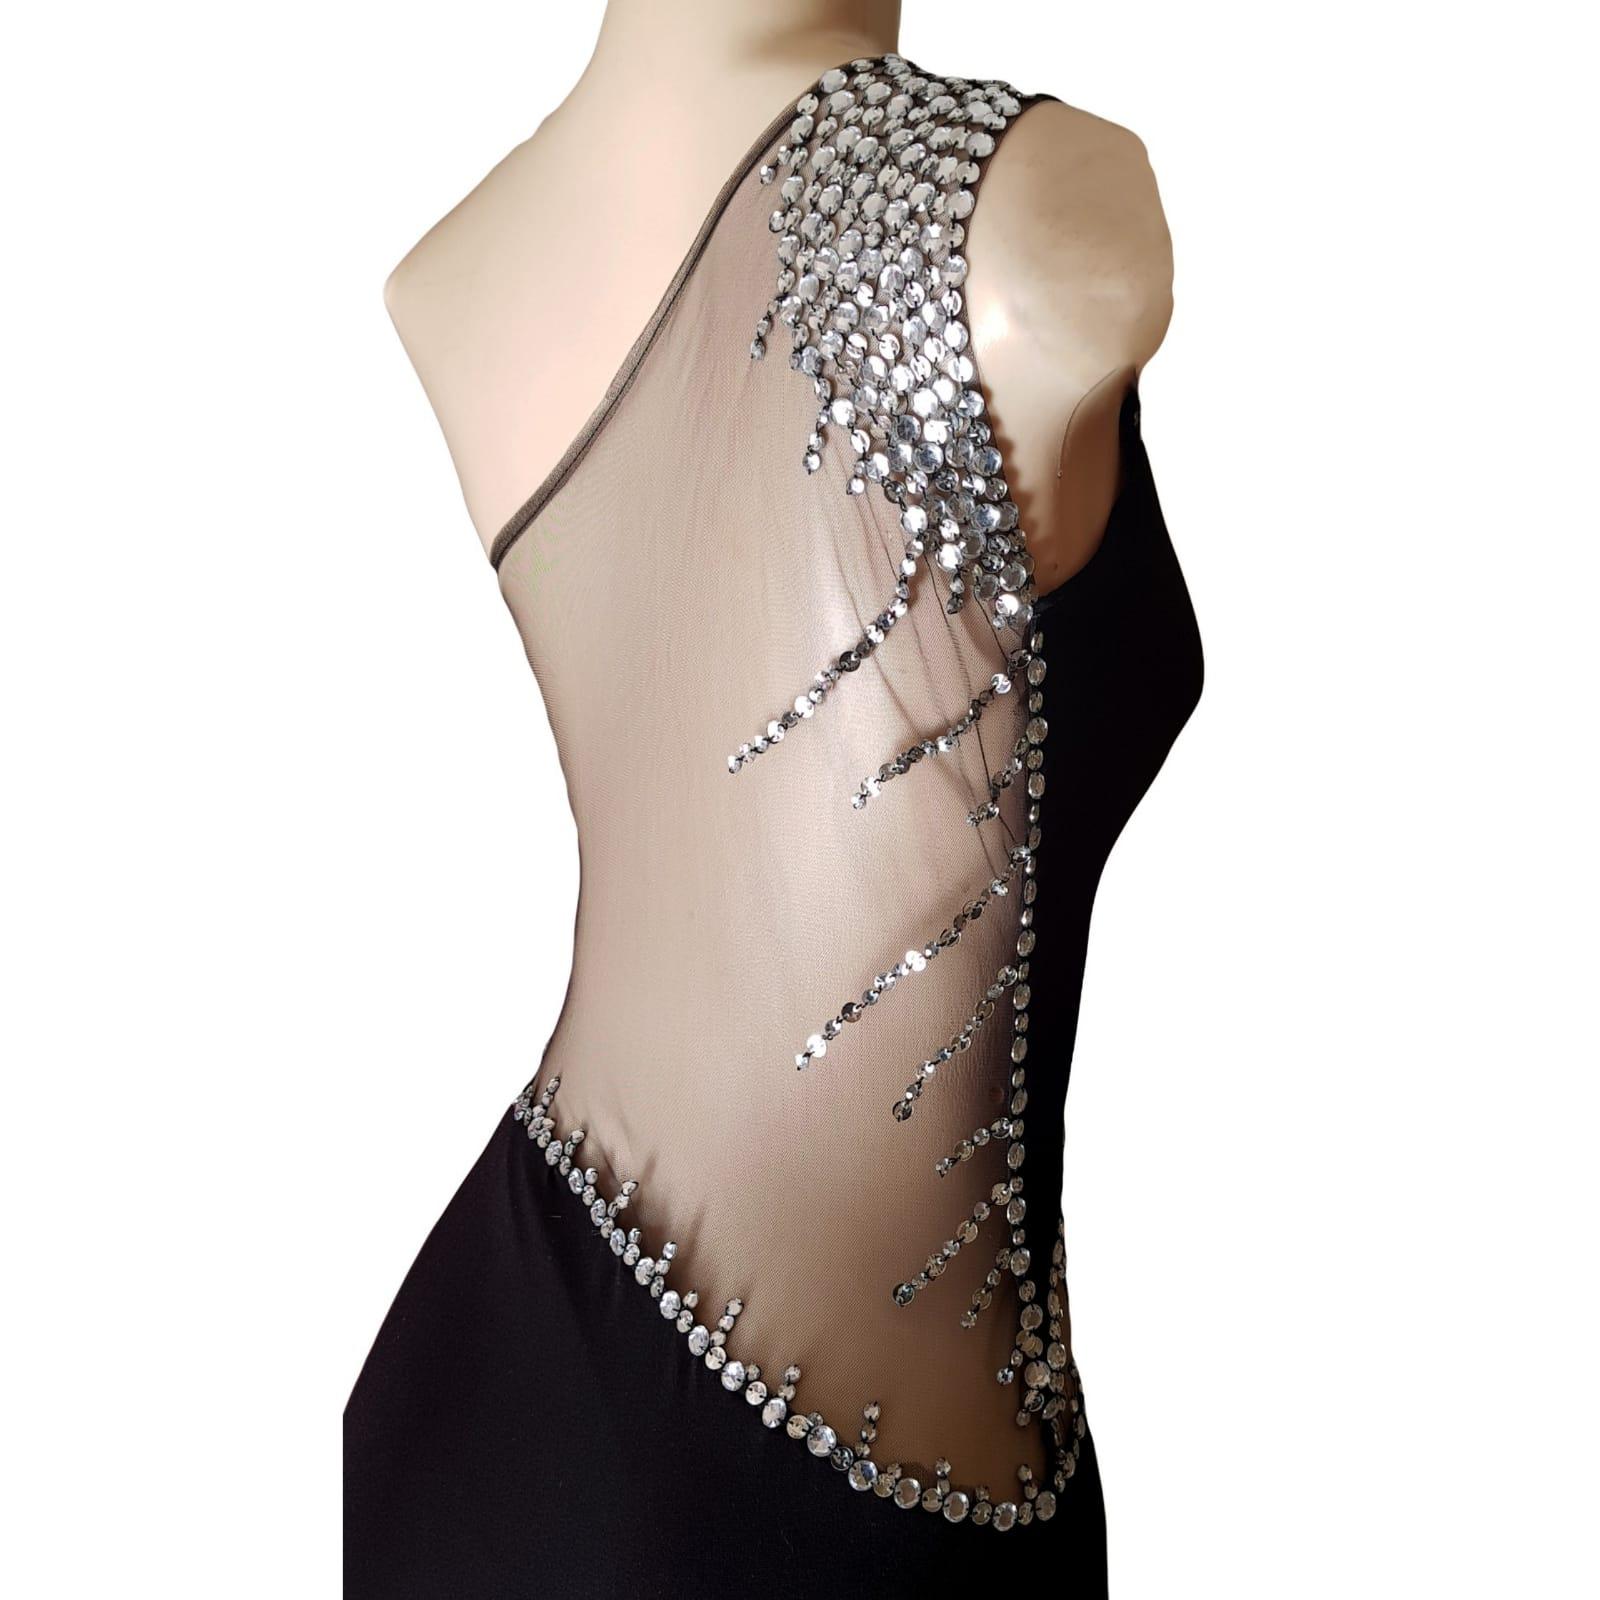 Vestido de finalistas preto e prateado 4 vestido de finalistas preto e prateado com design de ombro único, barriga de ilusão em ângulo e costas de ilusão detalhadas com brilhantes prateadas. Com uma racha e uma cauda.